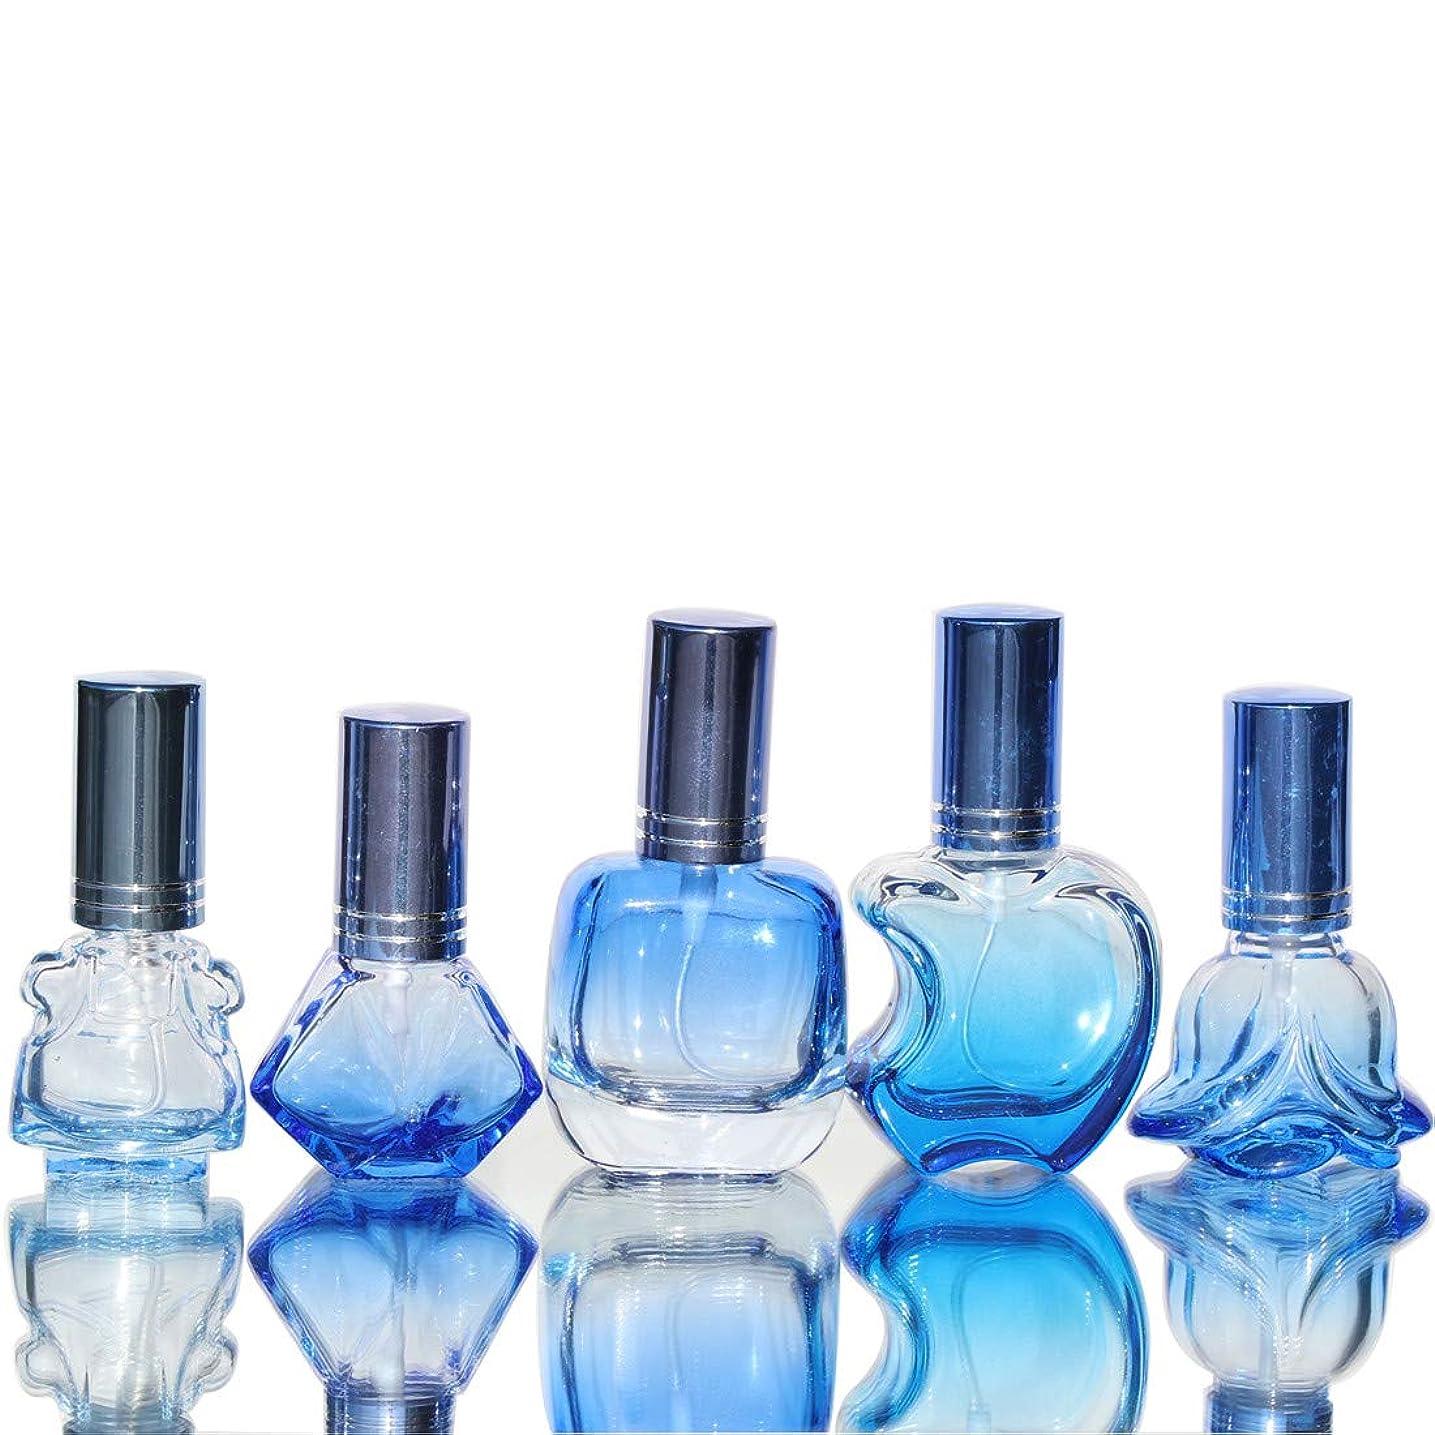 白鳥優遇紳士Waltz&F カラフル ガラス製香水瓶 フレグランスボトル 詰替用瓶 空き アトマイザー 分け瓶 旅行用品 化粧水用瓶